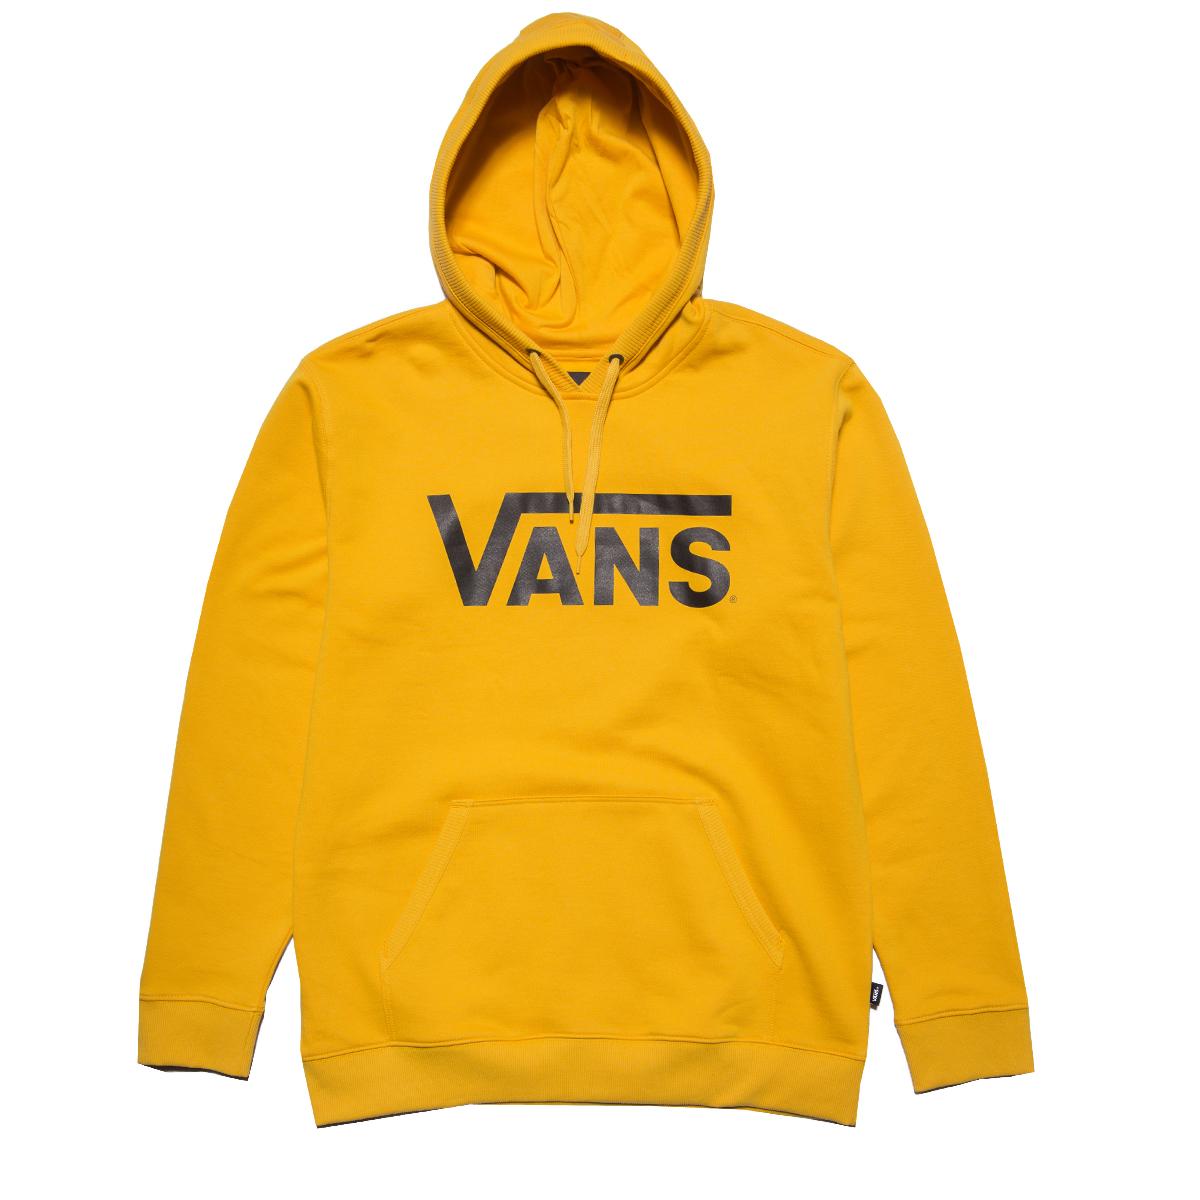 wiele stylów taniej gorące produkty Bluza Vans Classic Mineral Yellow / Black Pullover Hoodie